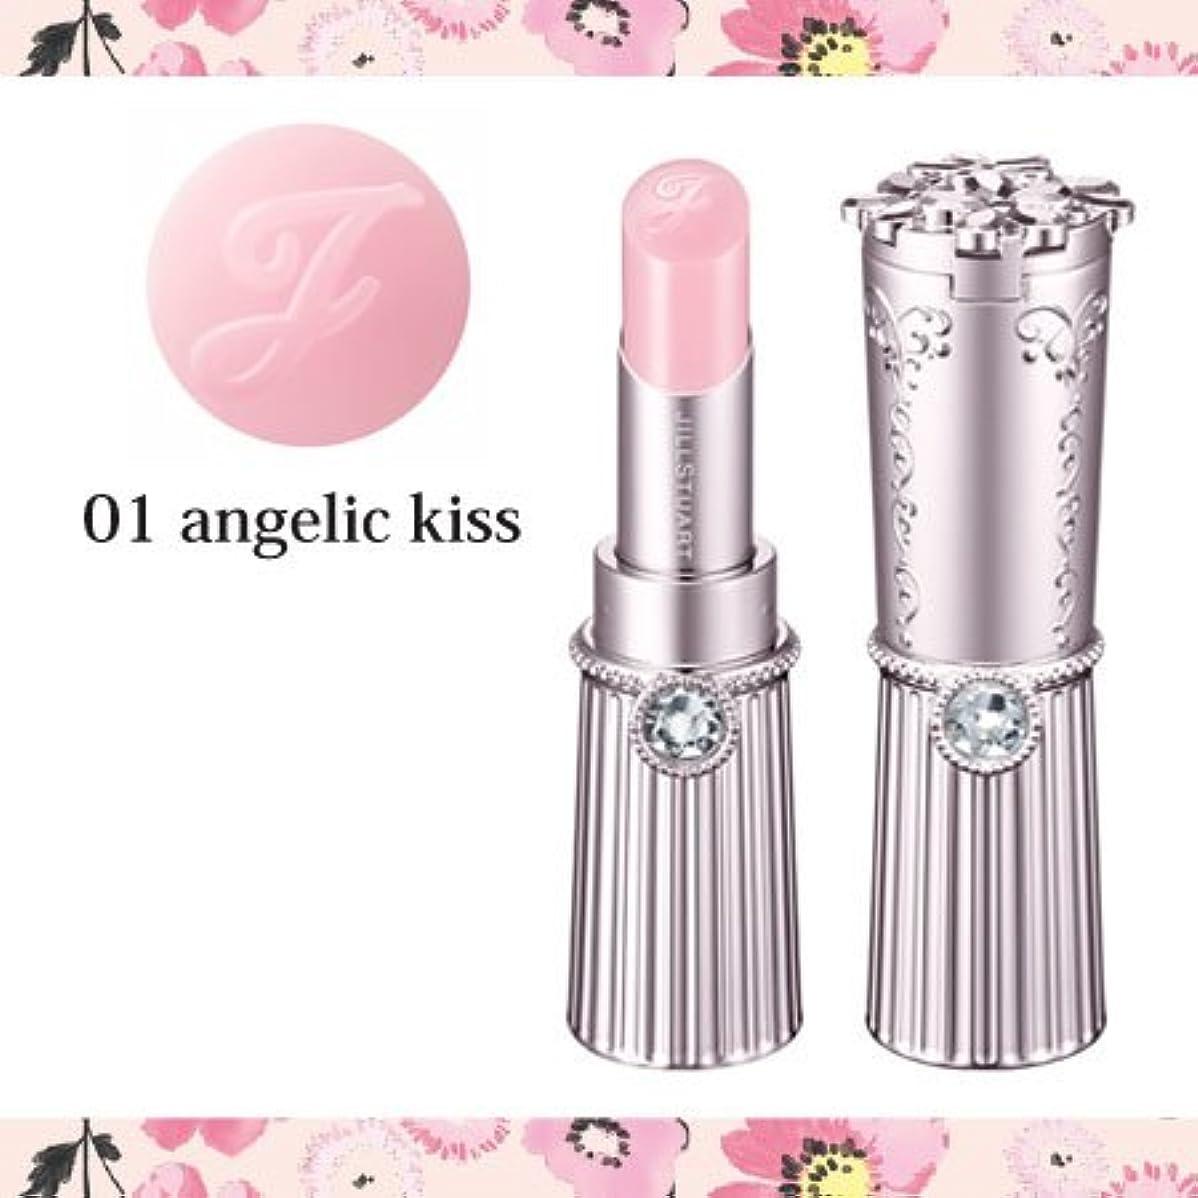 予約彼標準ジルスチュアート リップグロウ バーム #01 angelic kiss -JILLSTUART-